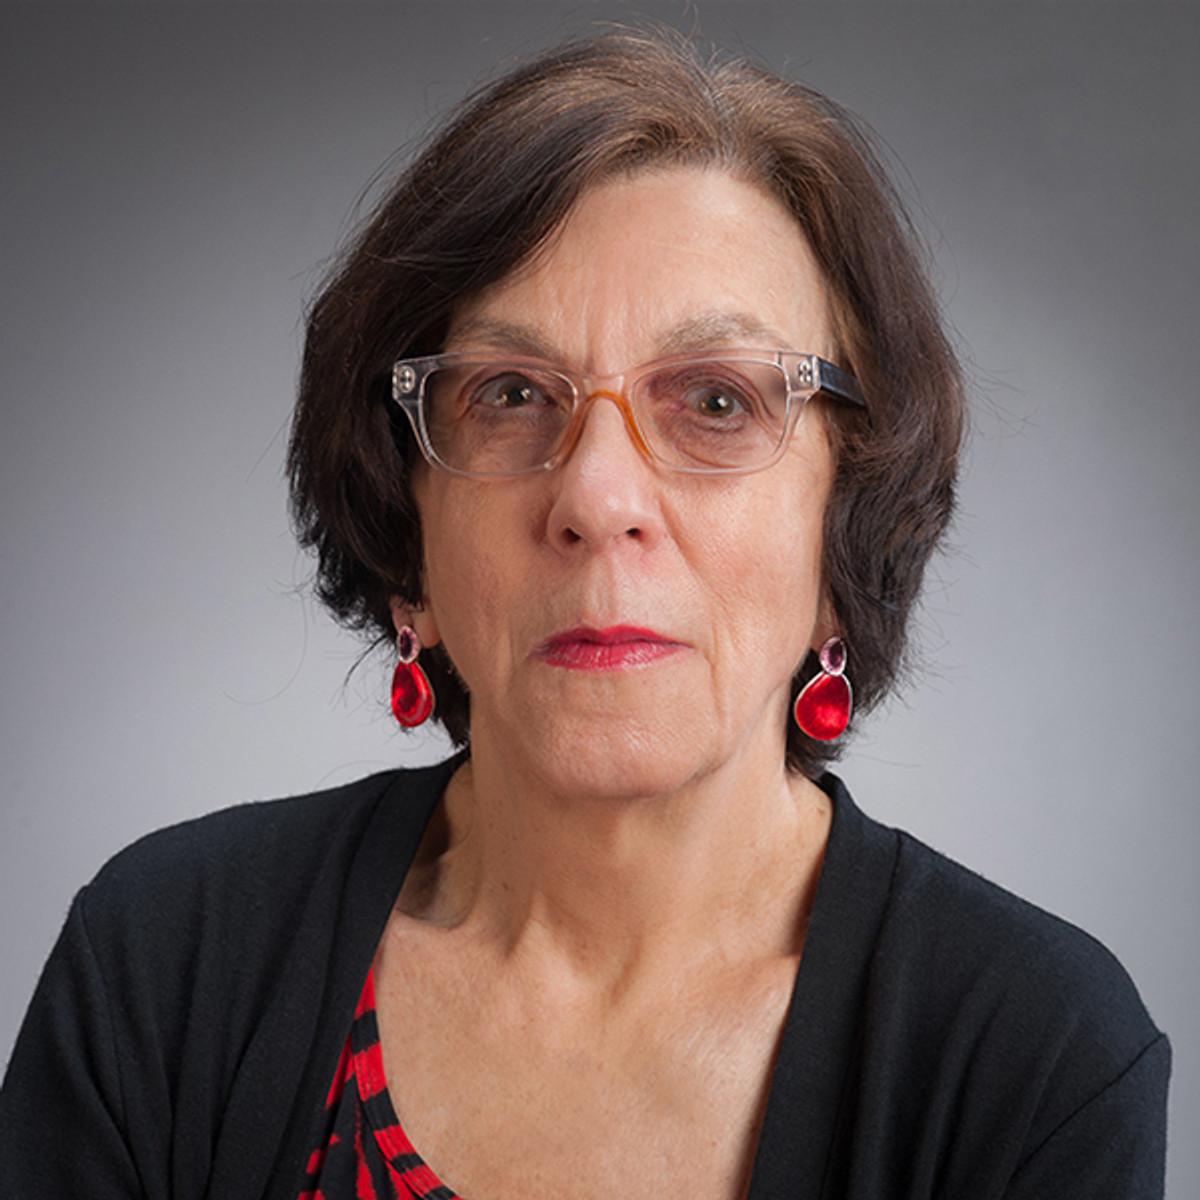 Dolores Janiewski